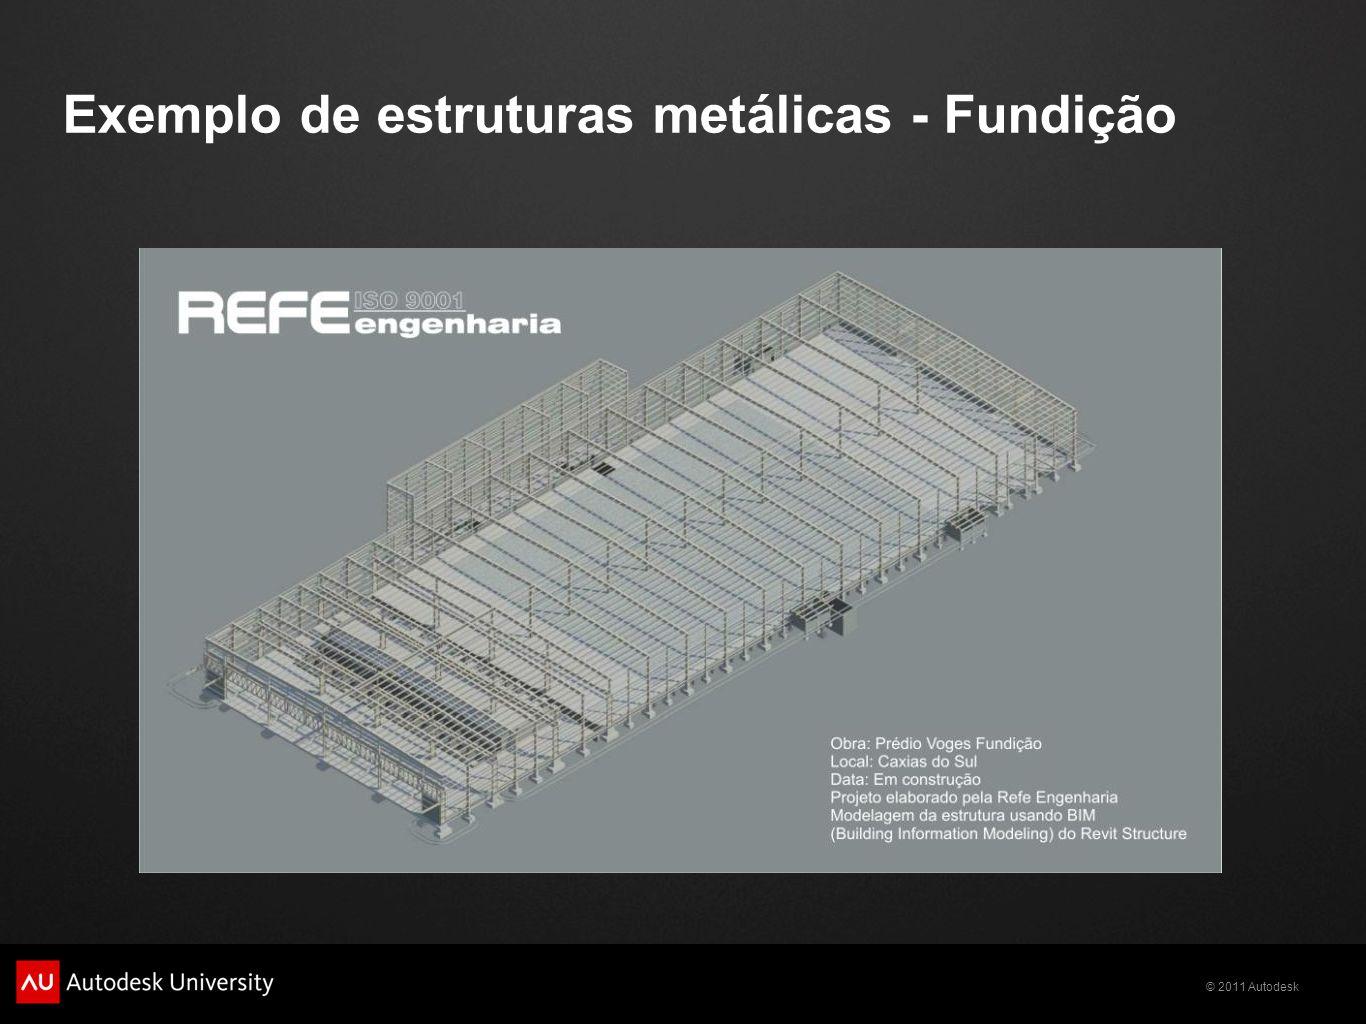 Exemplo de estruturas metálicas - Fundição